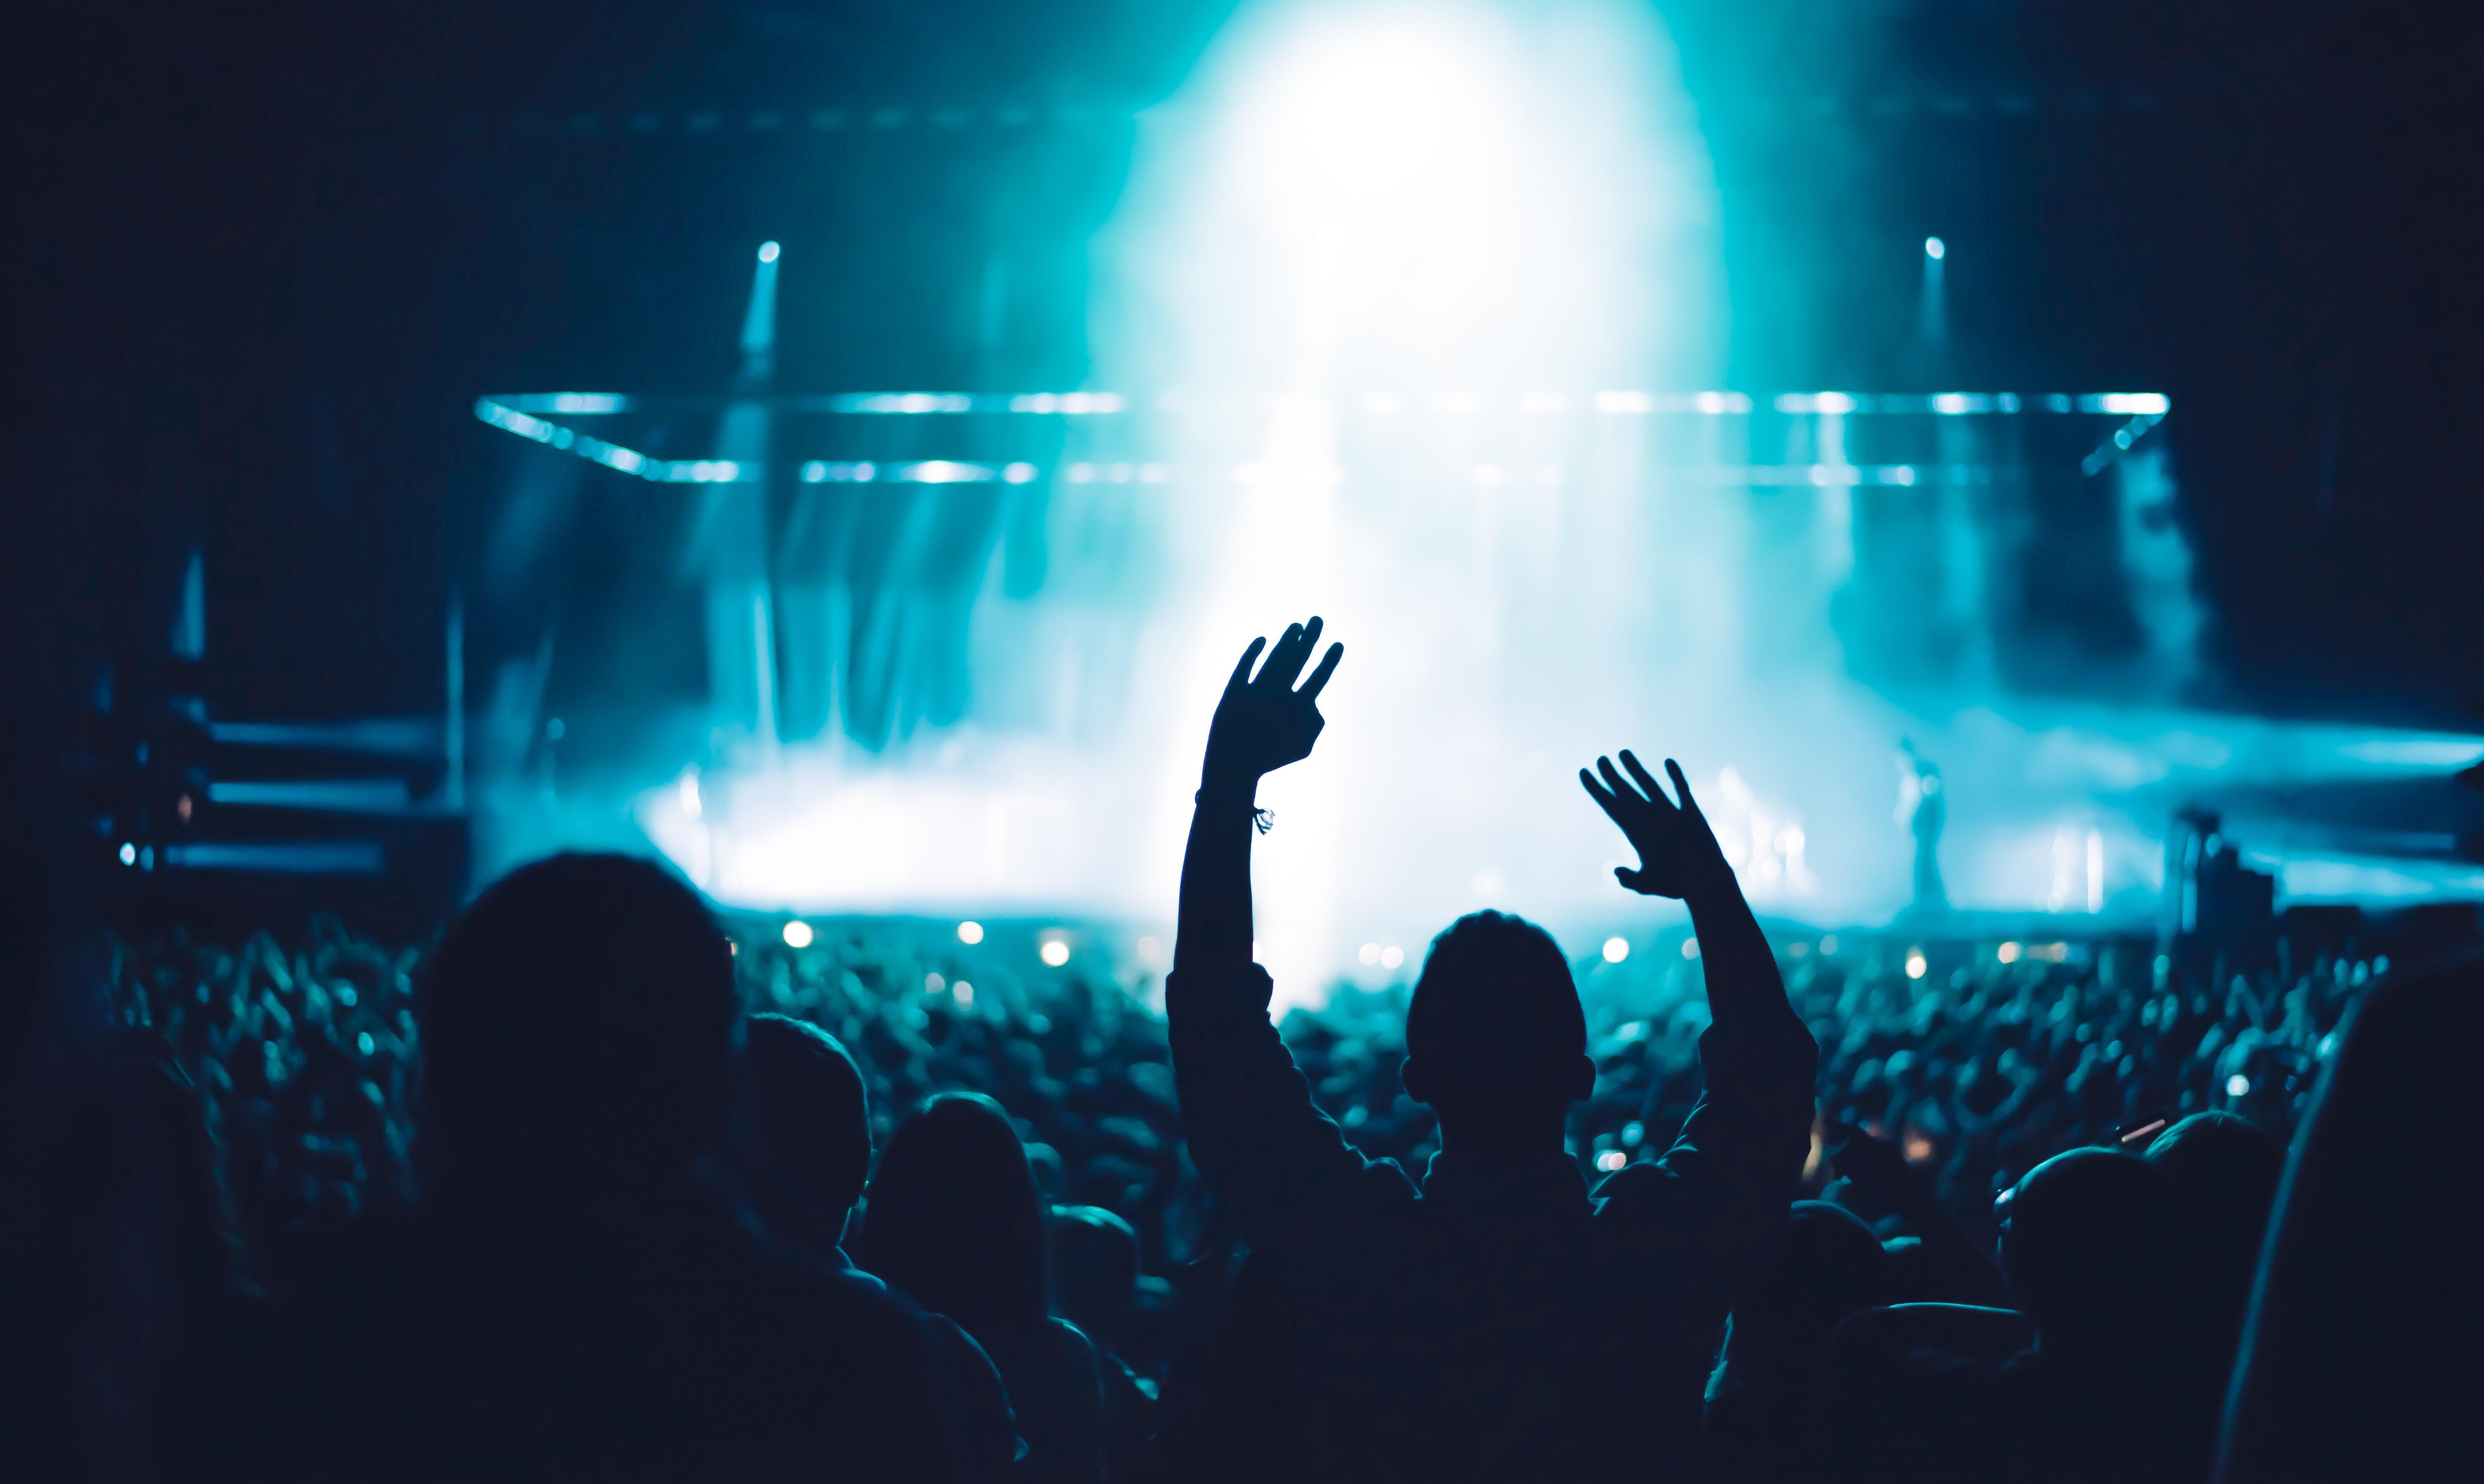 Velika Britanija planira povratak masovnih okupljanja, koncerata i festivala u punim kapacitetima od 21. juna!